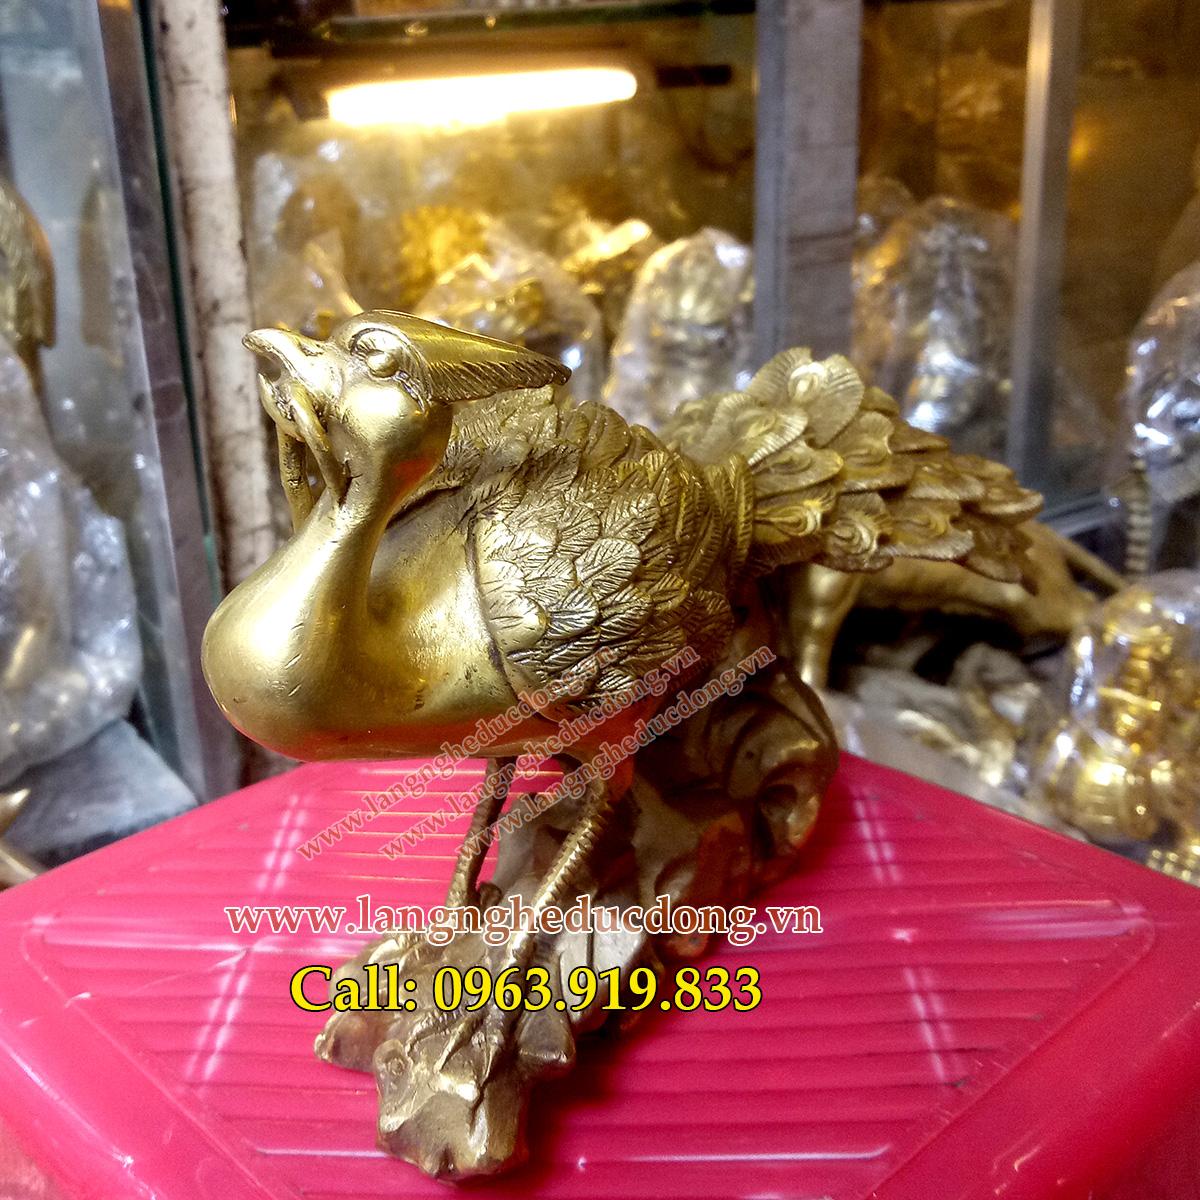 langngheducdong.vn - tượng đồng, tượng phong thủy, vật phẩm phong thủy bằng đồng